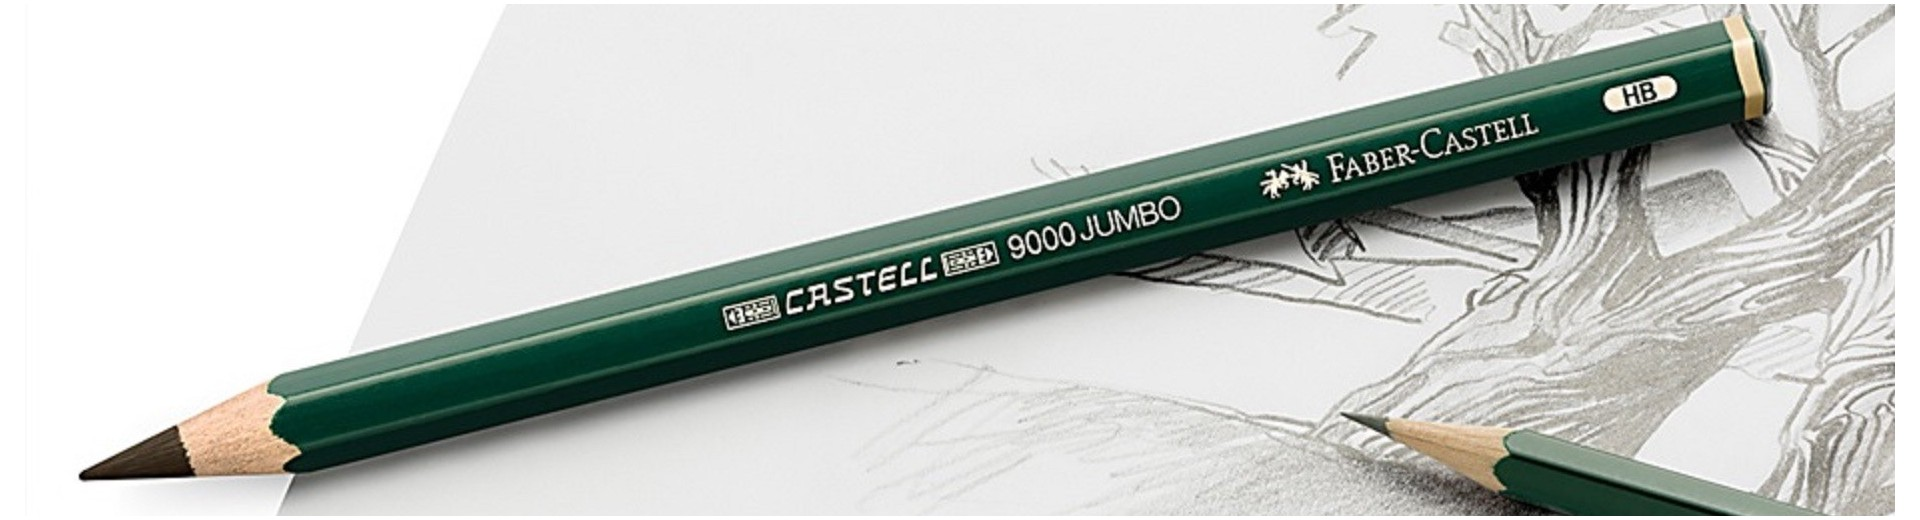 FABER-CASTELL 9000 JUMBO